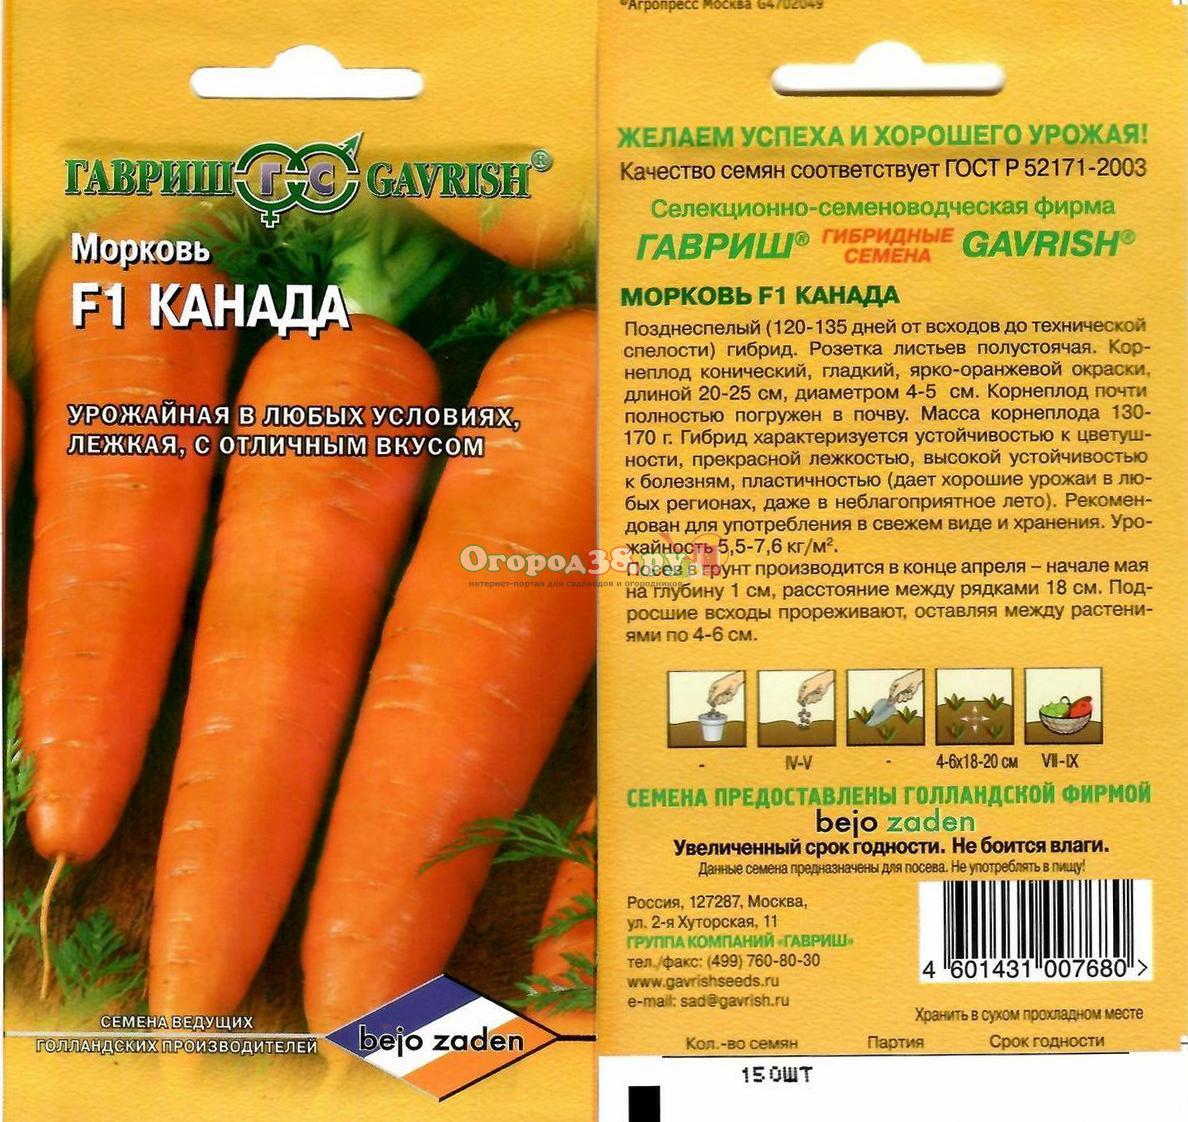 Самый урожайный: сорт моркови канада f1 - агрономwiki